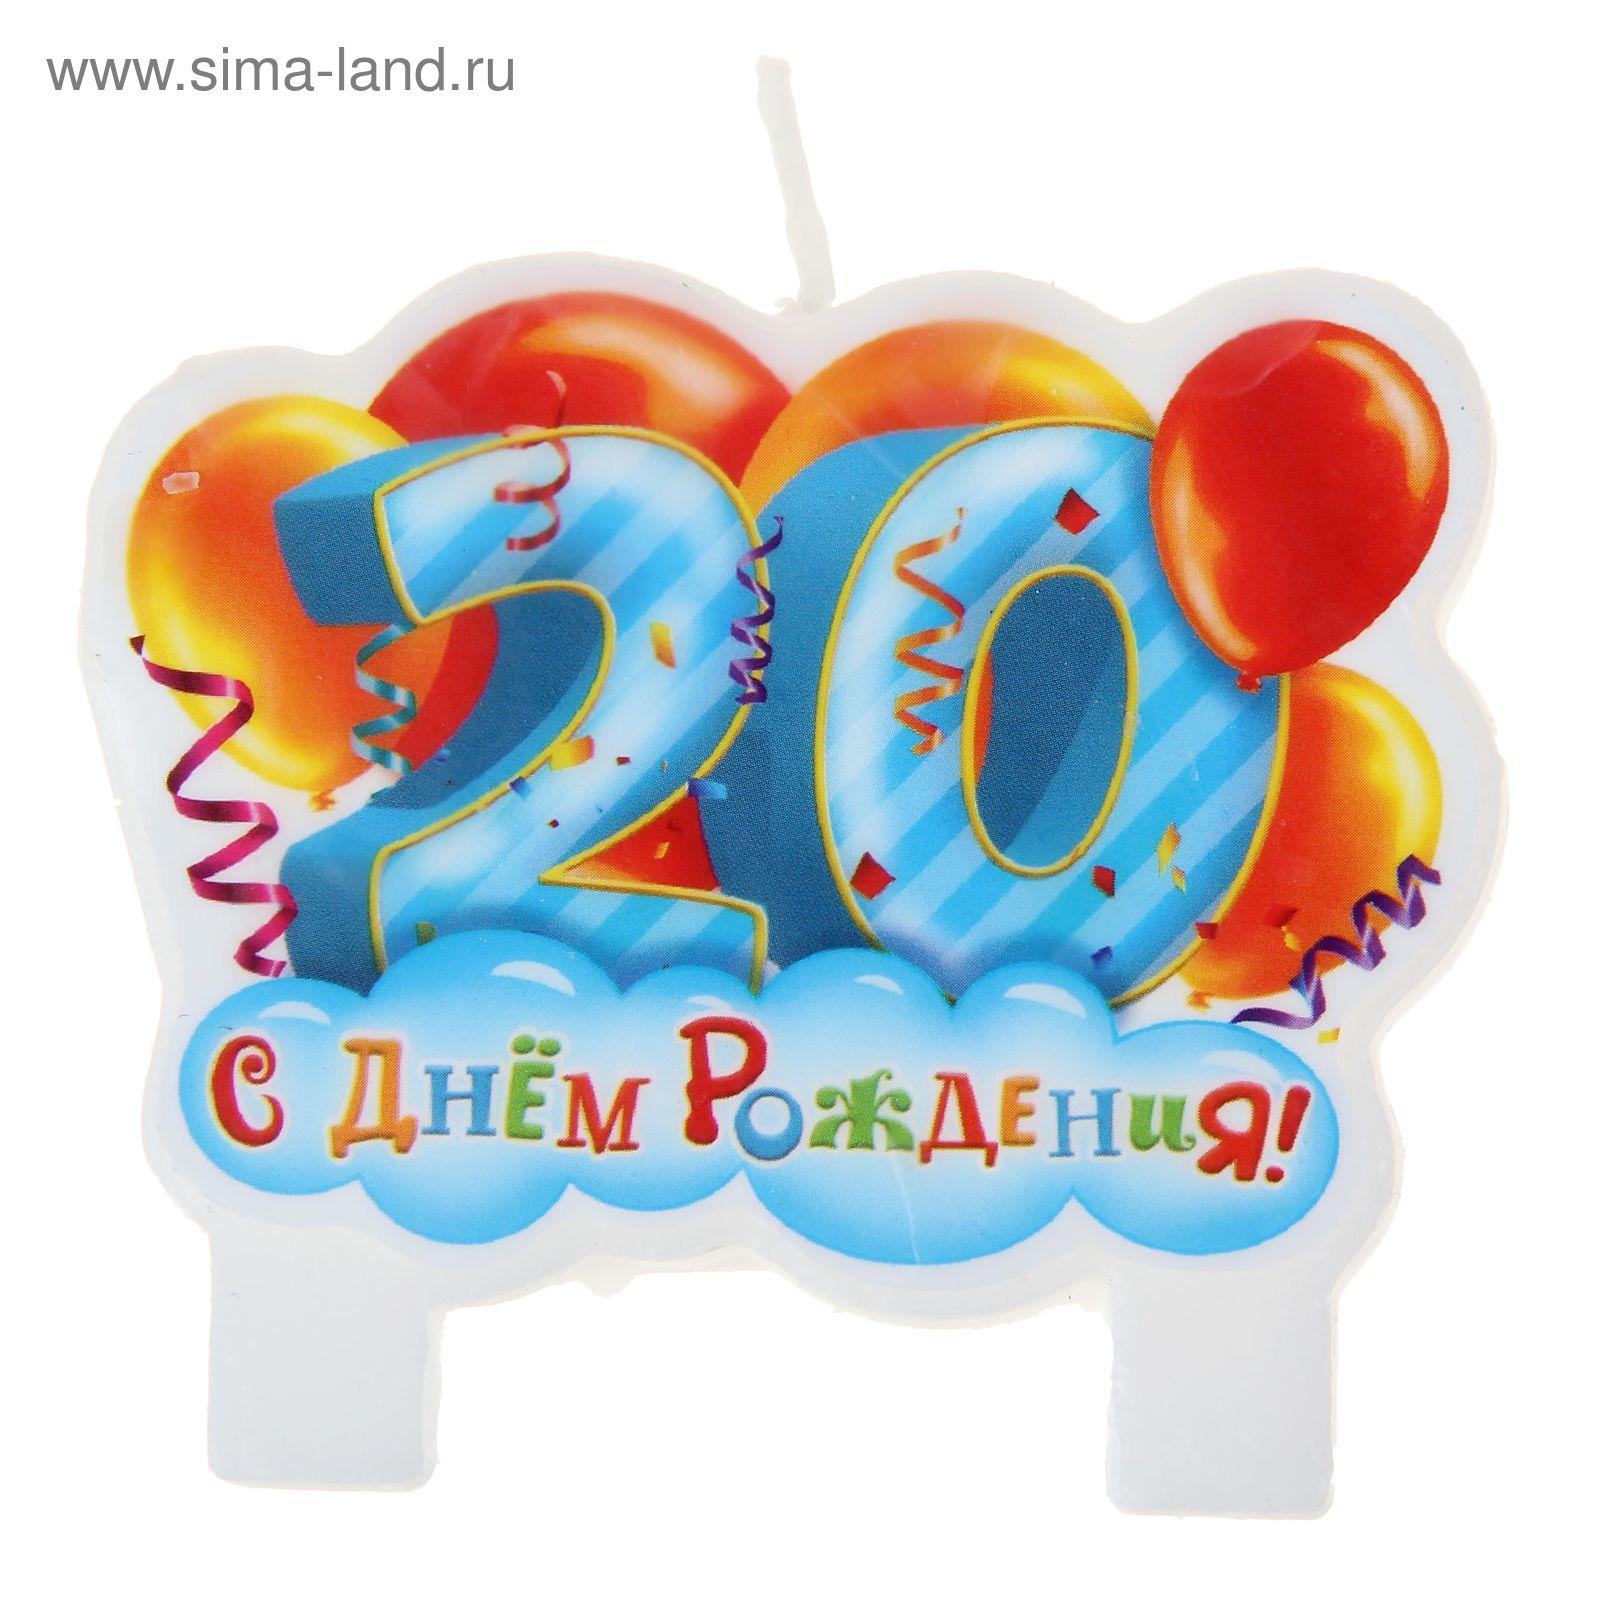 Поздравление прикольное с днем рождения юноше 20 лет